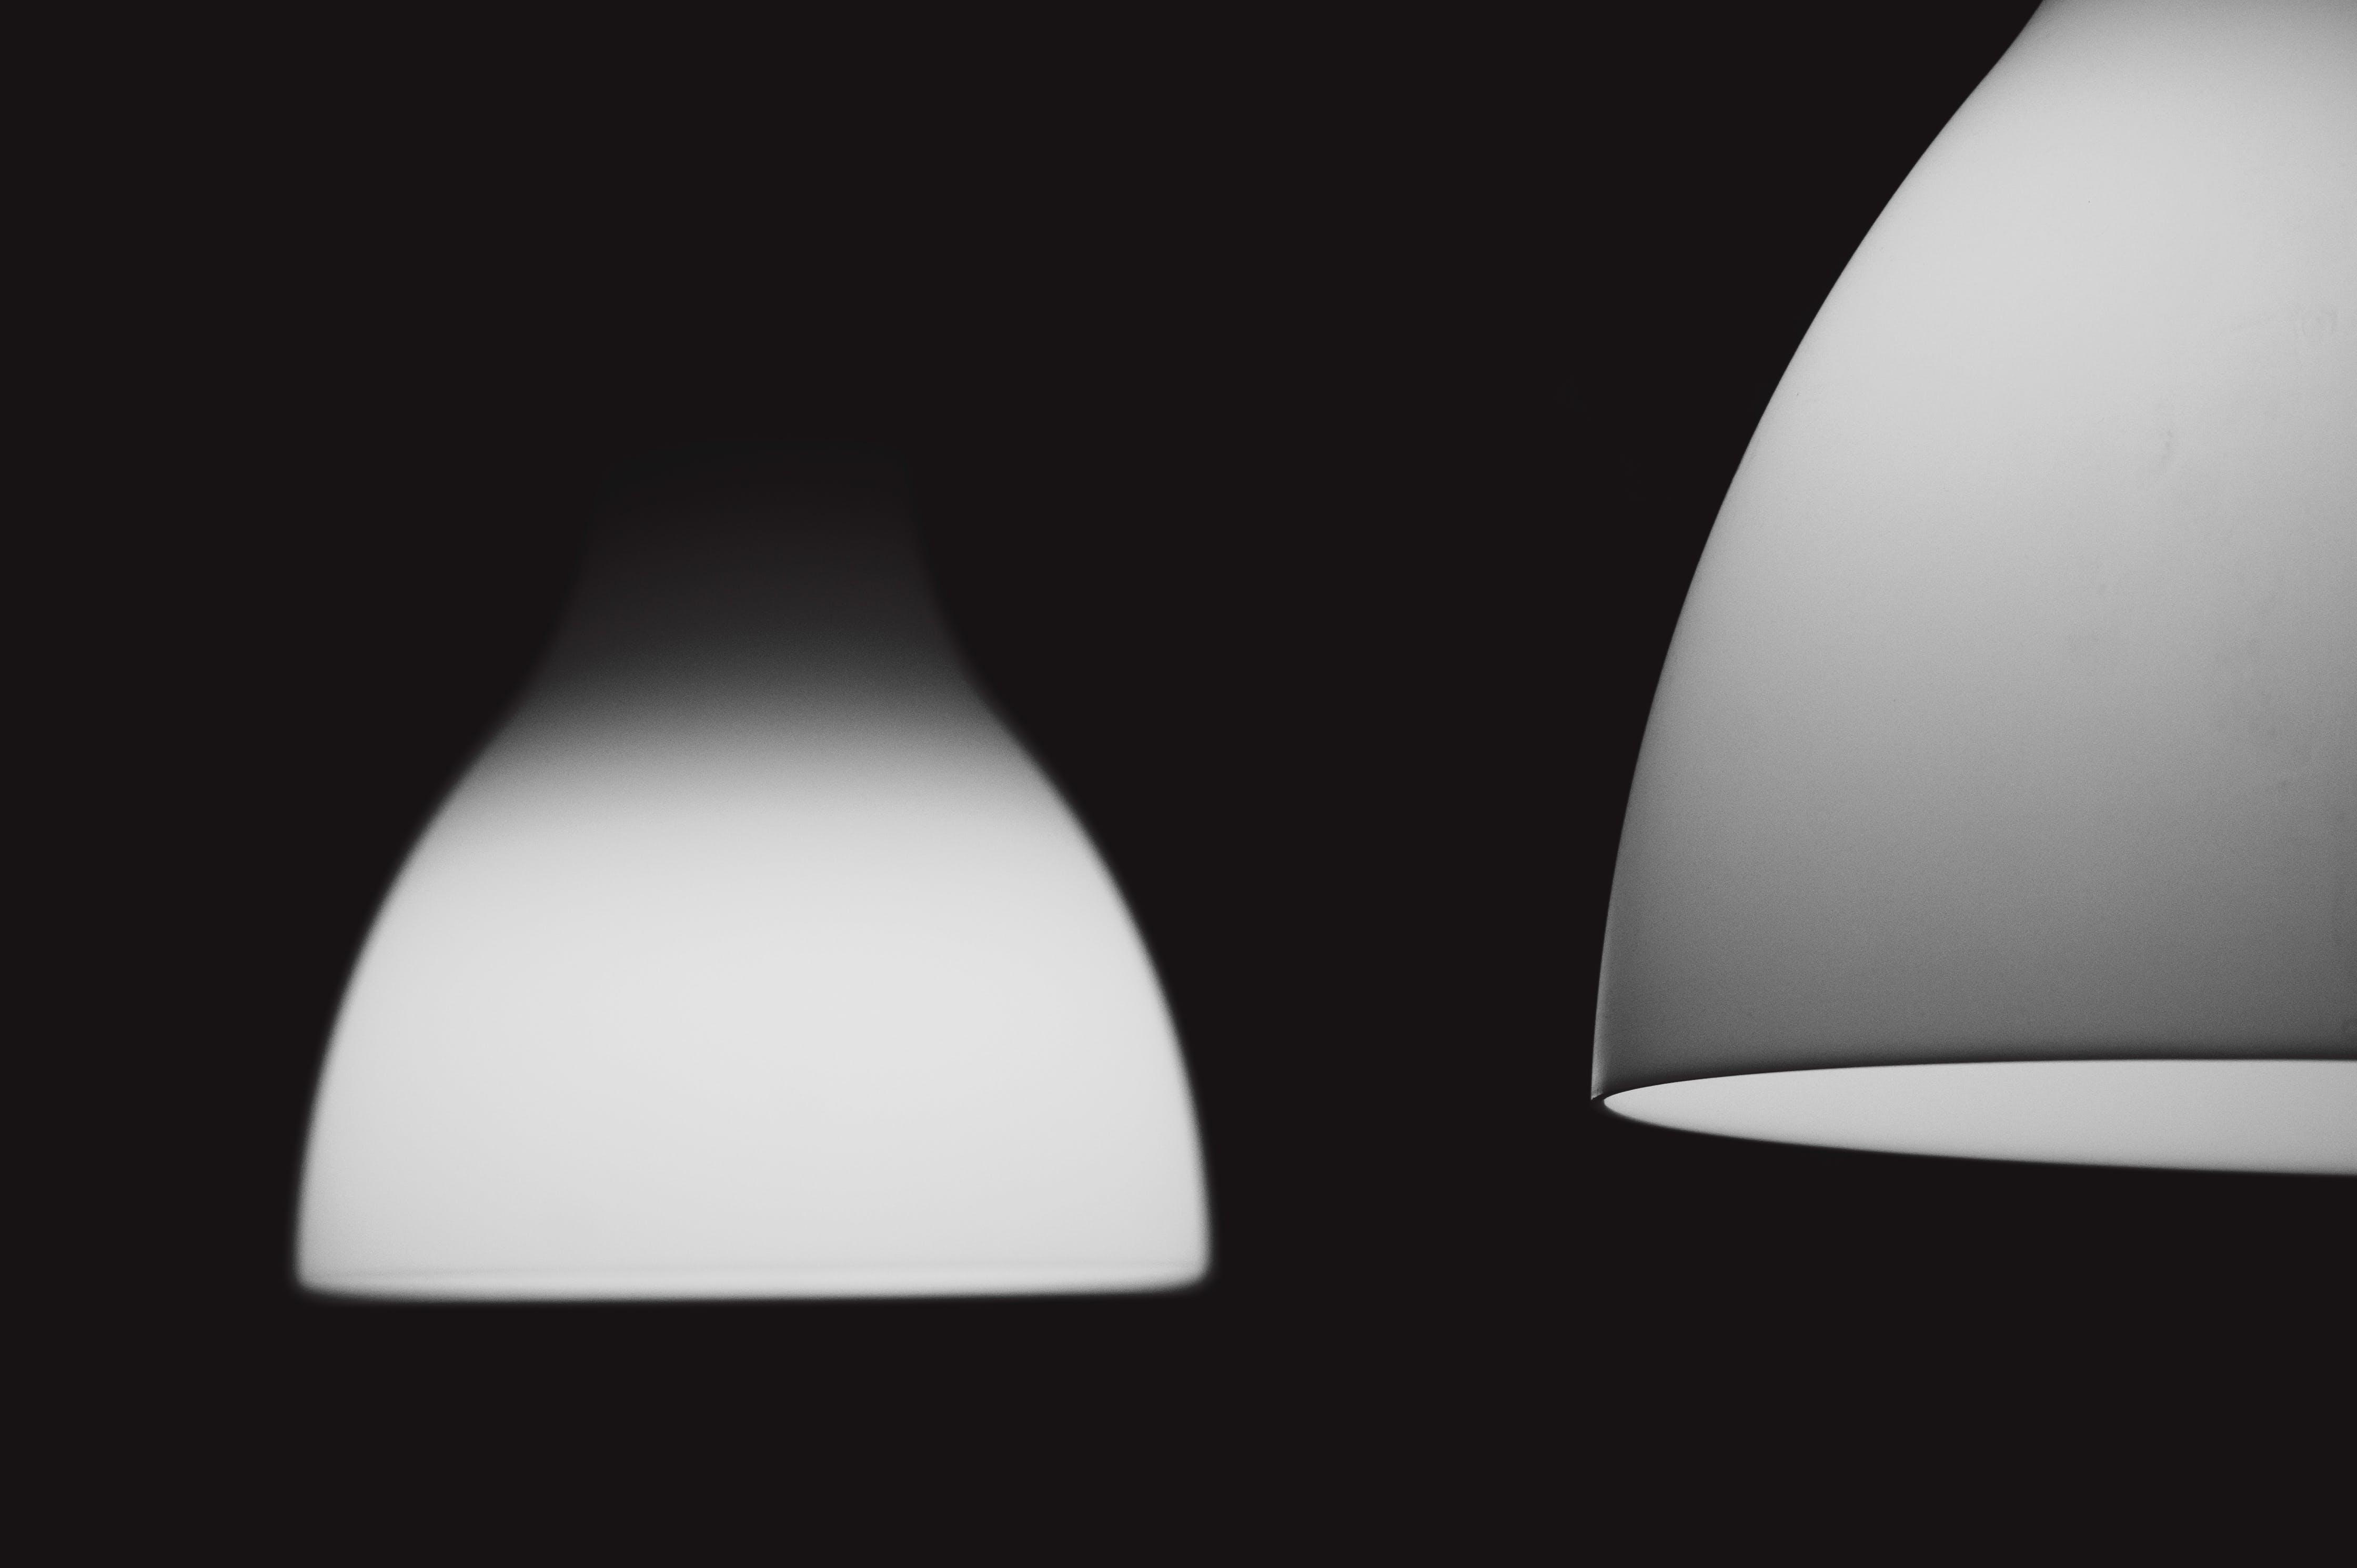 Free stock photo of light, night, dark, lamp